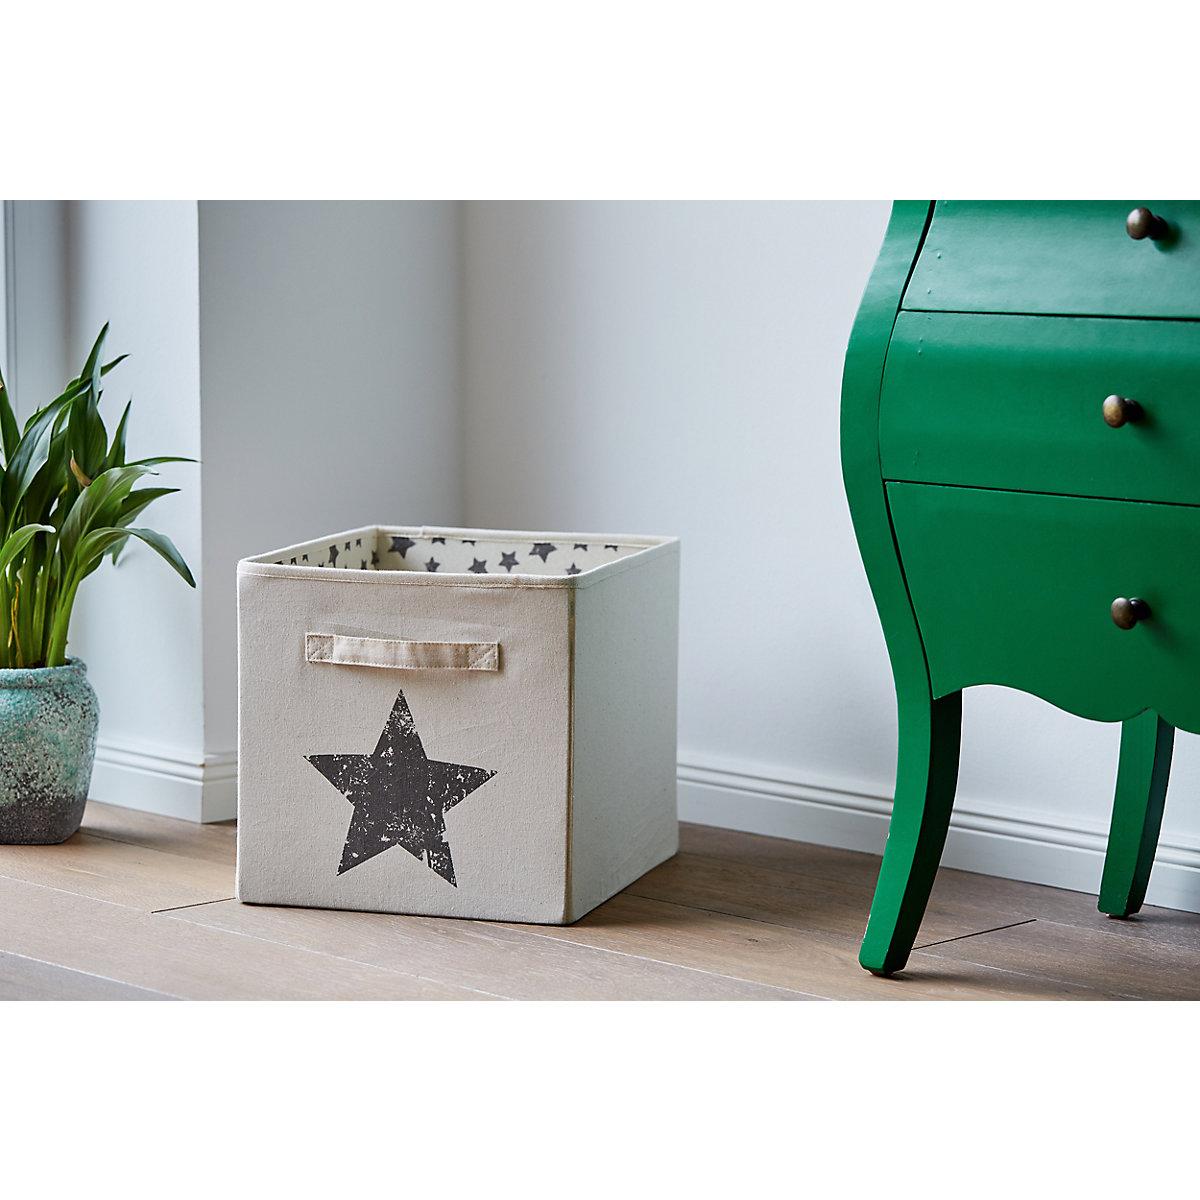 aufbewahrungsbox 32x32 cm wei store it yomonda. Black Bedroom Furniture Sets. Home Design Ideas